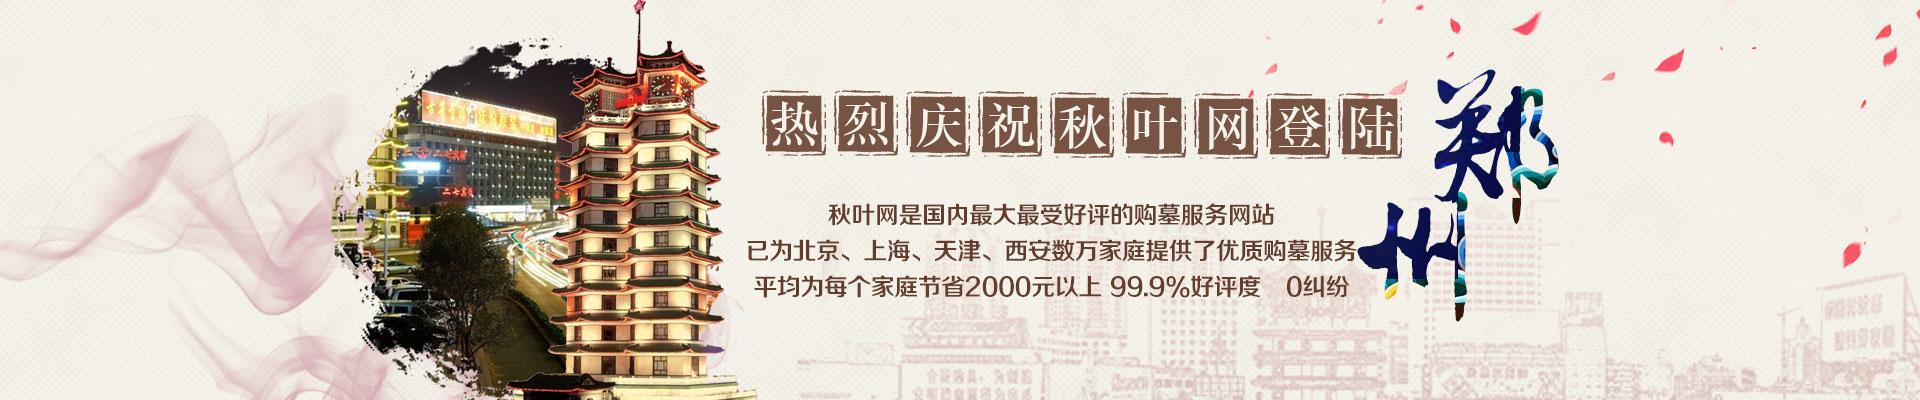 秋叶网登陆郑州